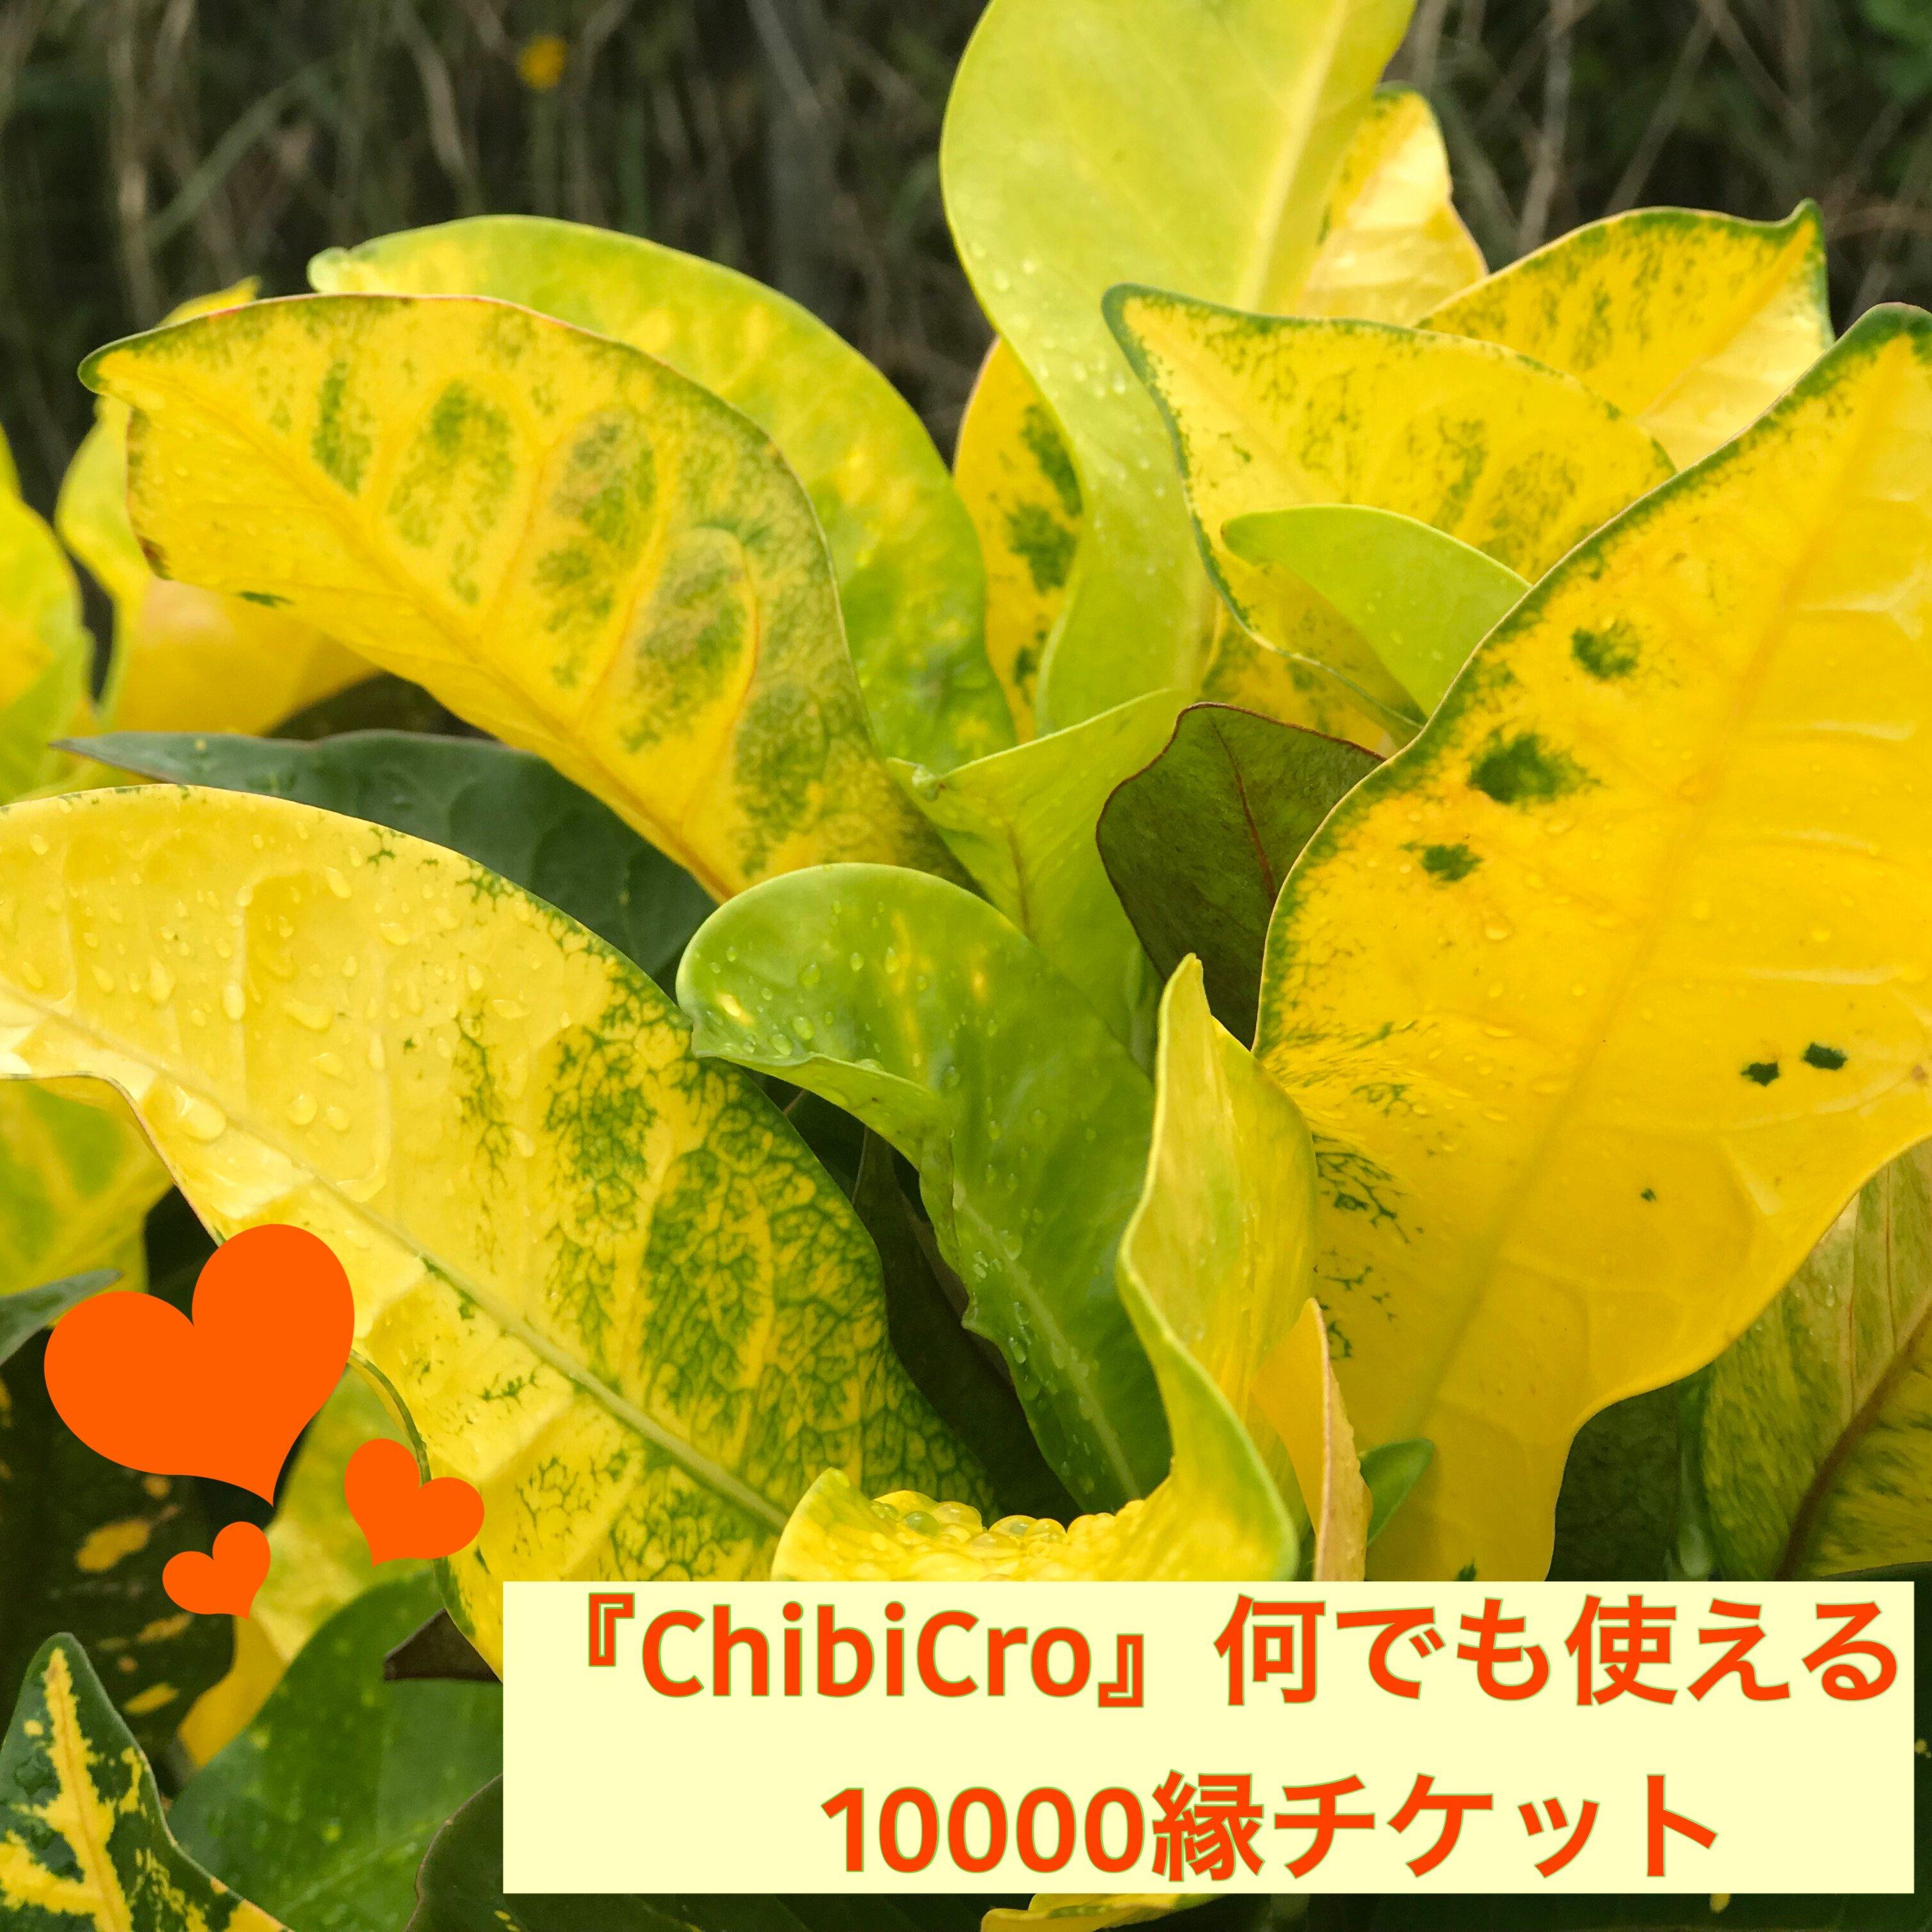 『ChibiCro』何でも使える10000縁チケットのイメージその1